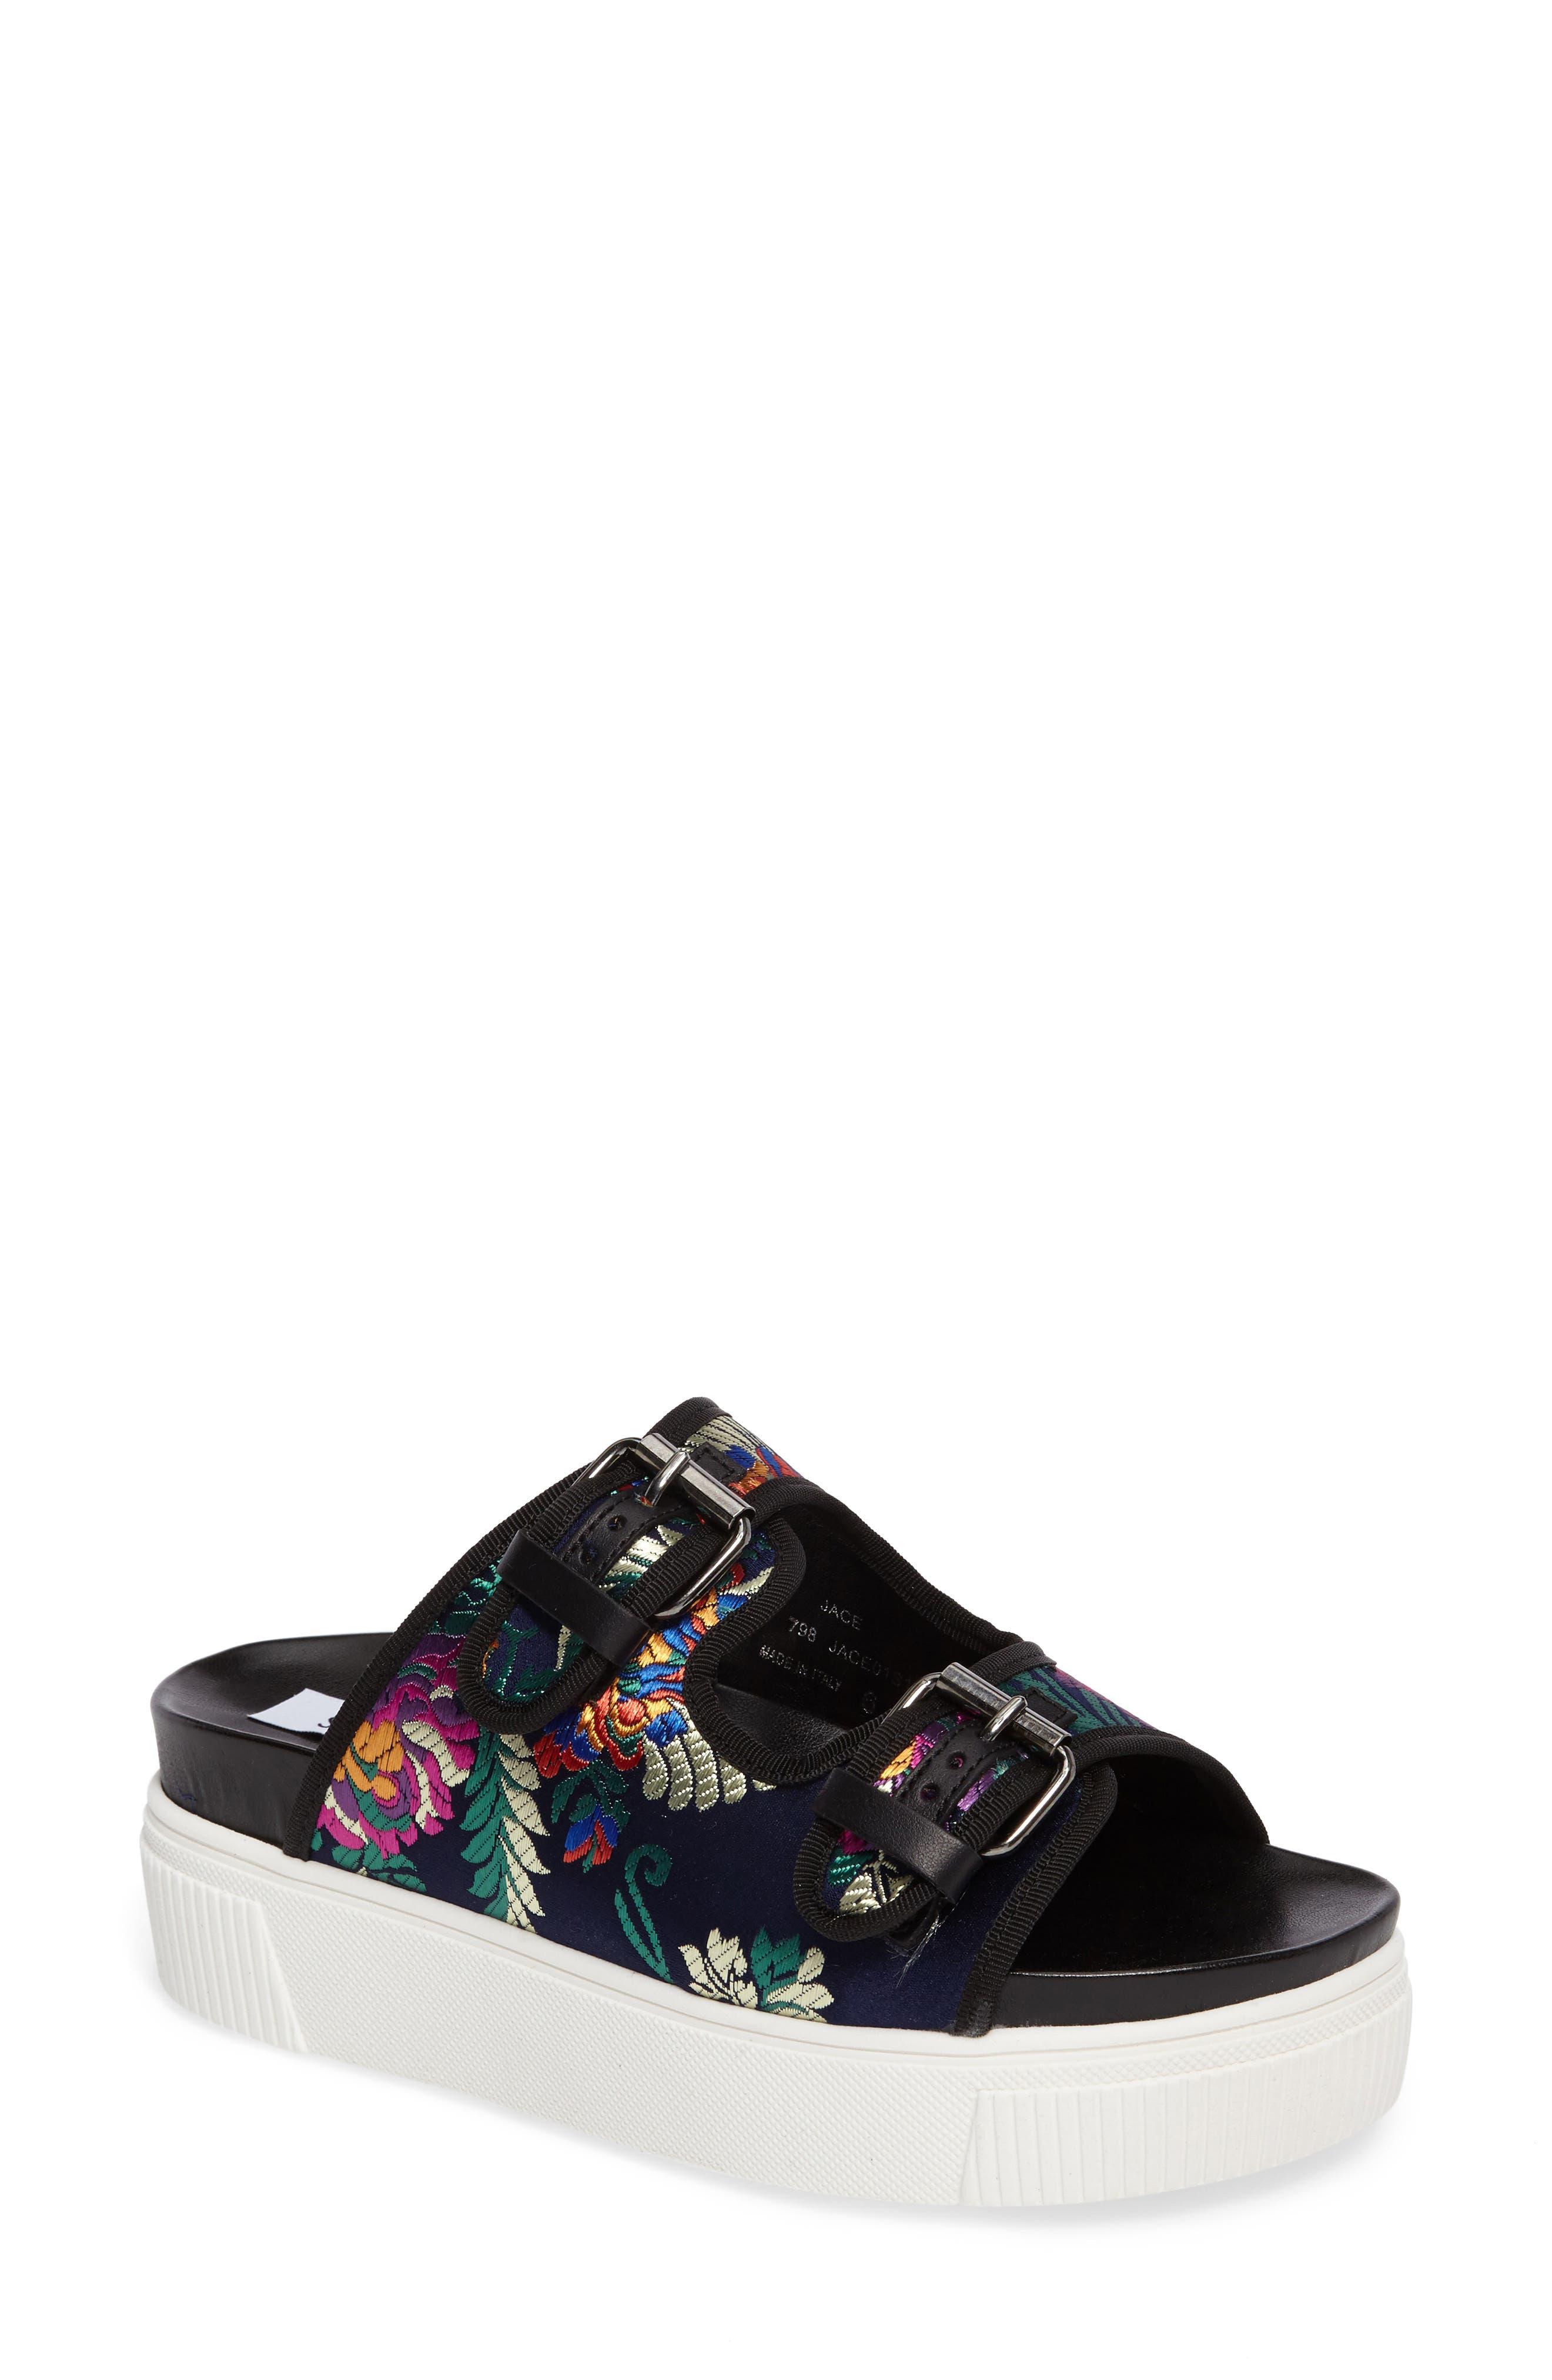 STEVE MADDEN Jace Embroidered Platform Slide Sandal